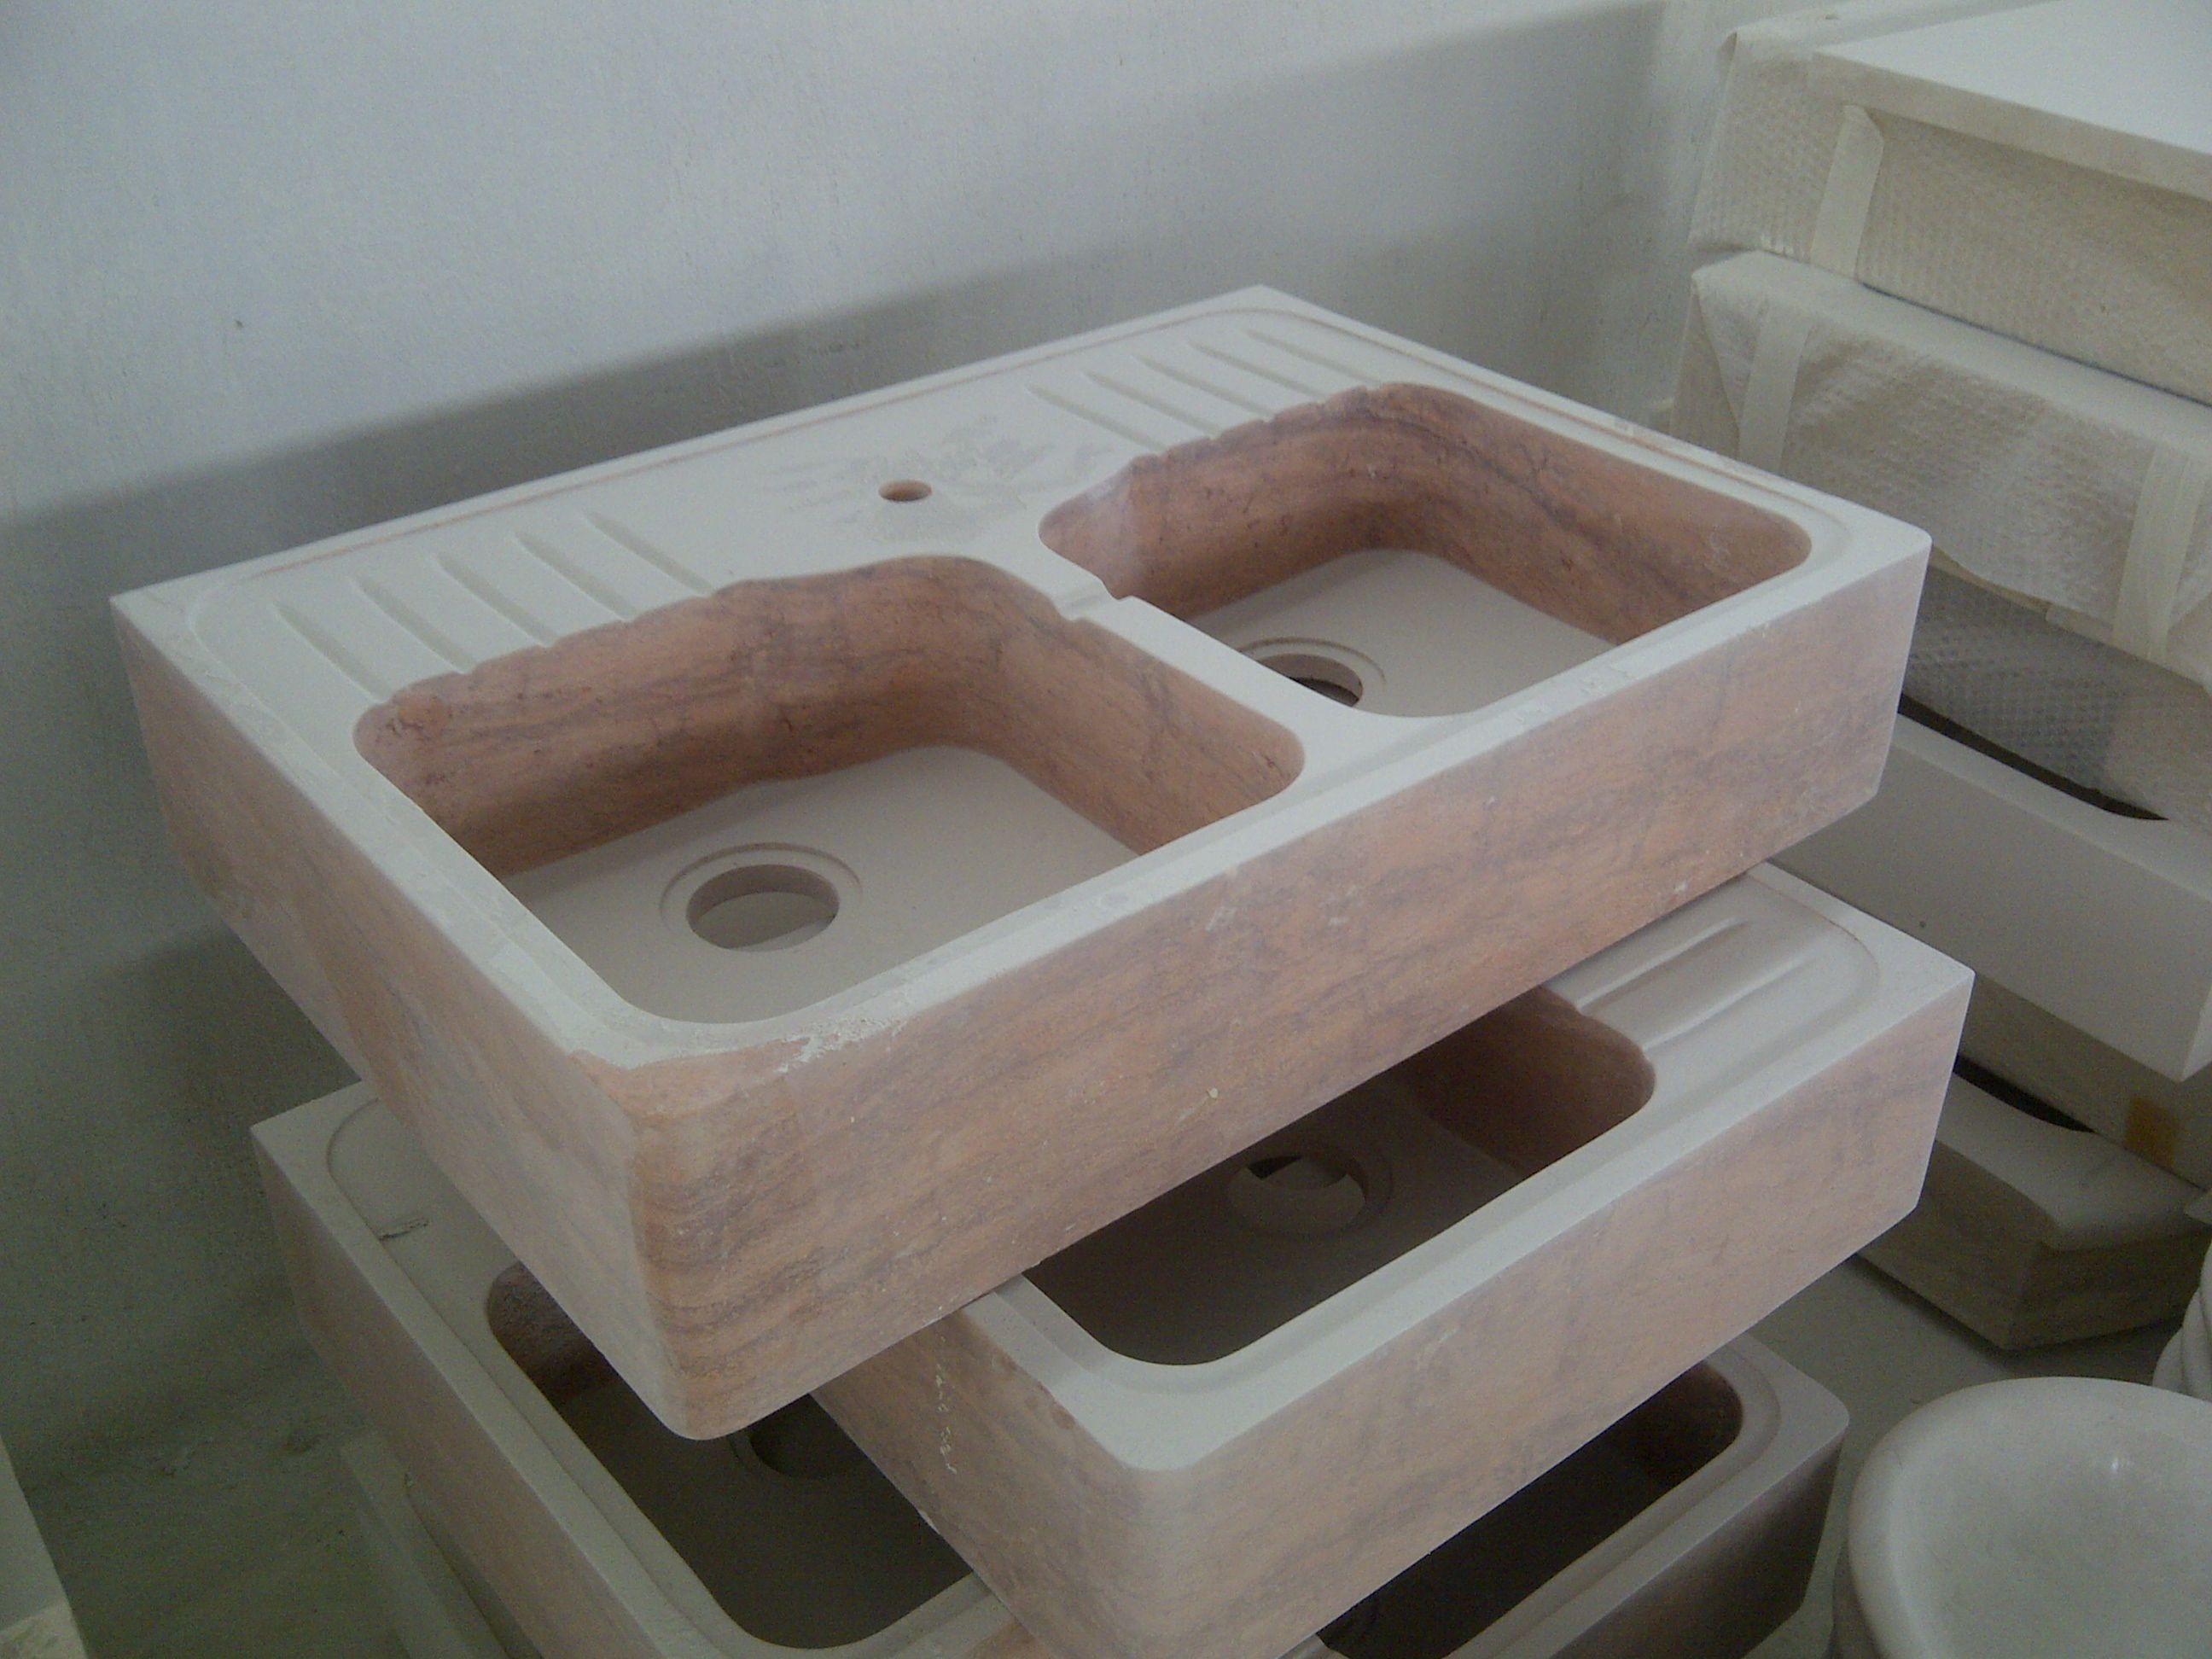 Lavabo da cucina in Travertino Rosso | Lavabi da cucina in pietra ...